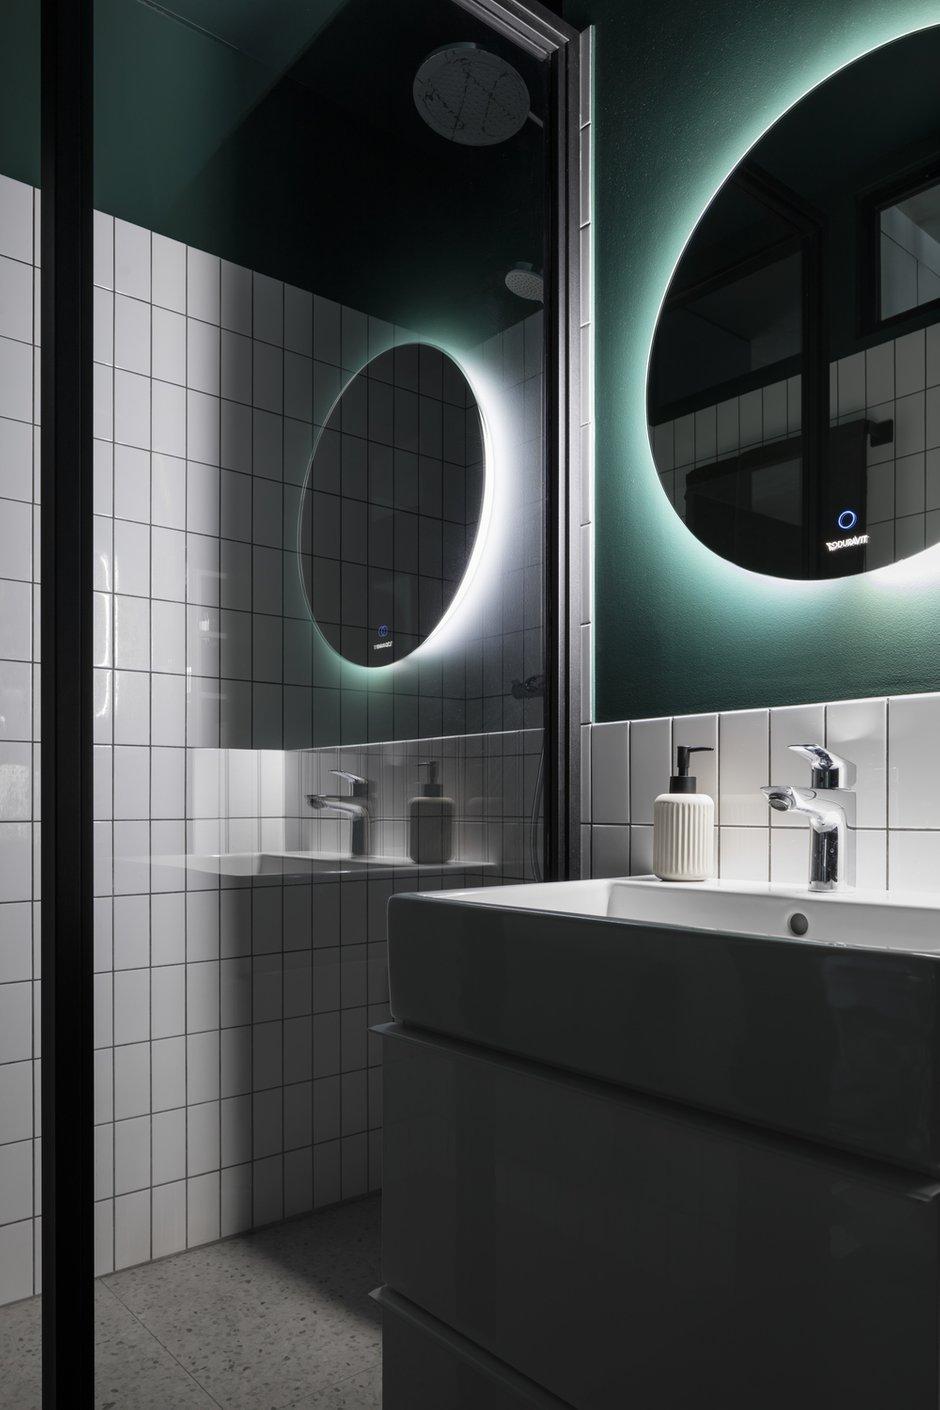 Фотография: Ванная в стиле Лофт, Квартира, Студия, Проект недели, Москва, 1 комната, до 40 метров, 40-60 метров, Влада Загайнова – фото на INMYROOM